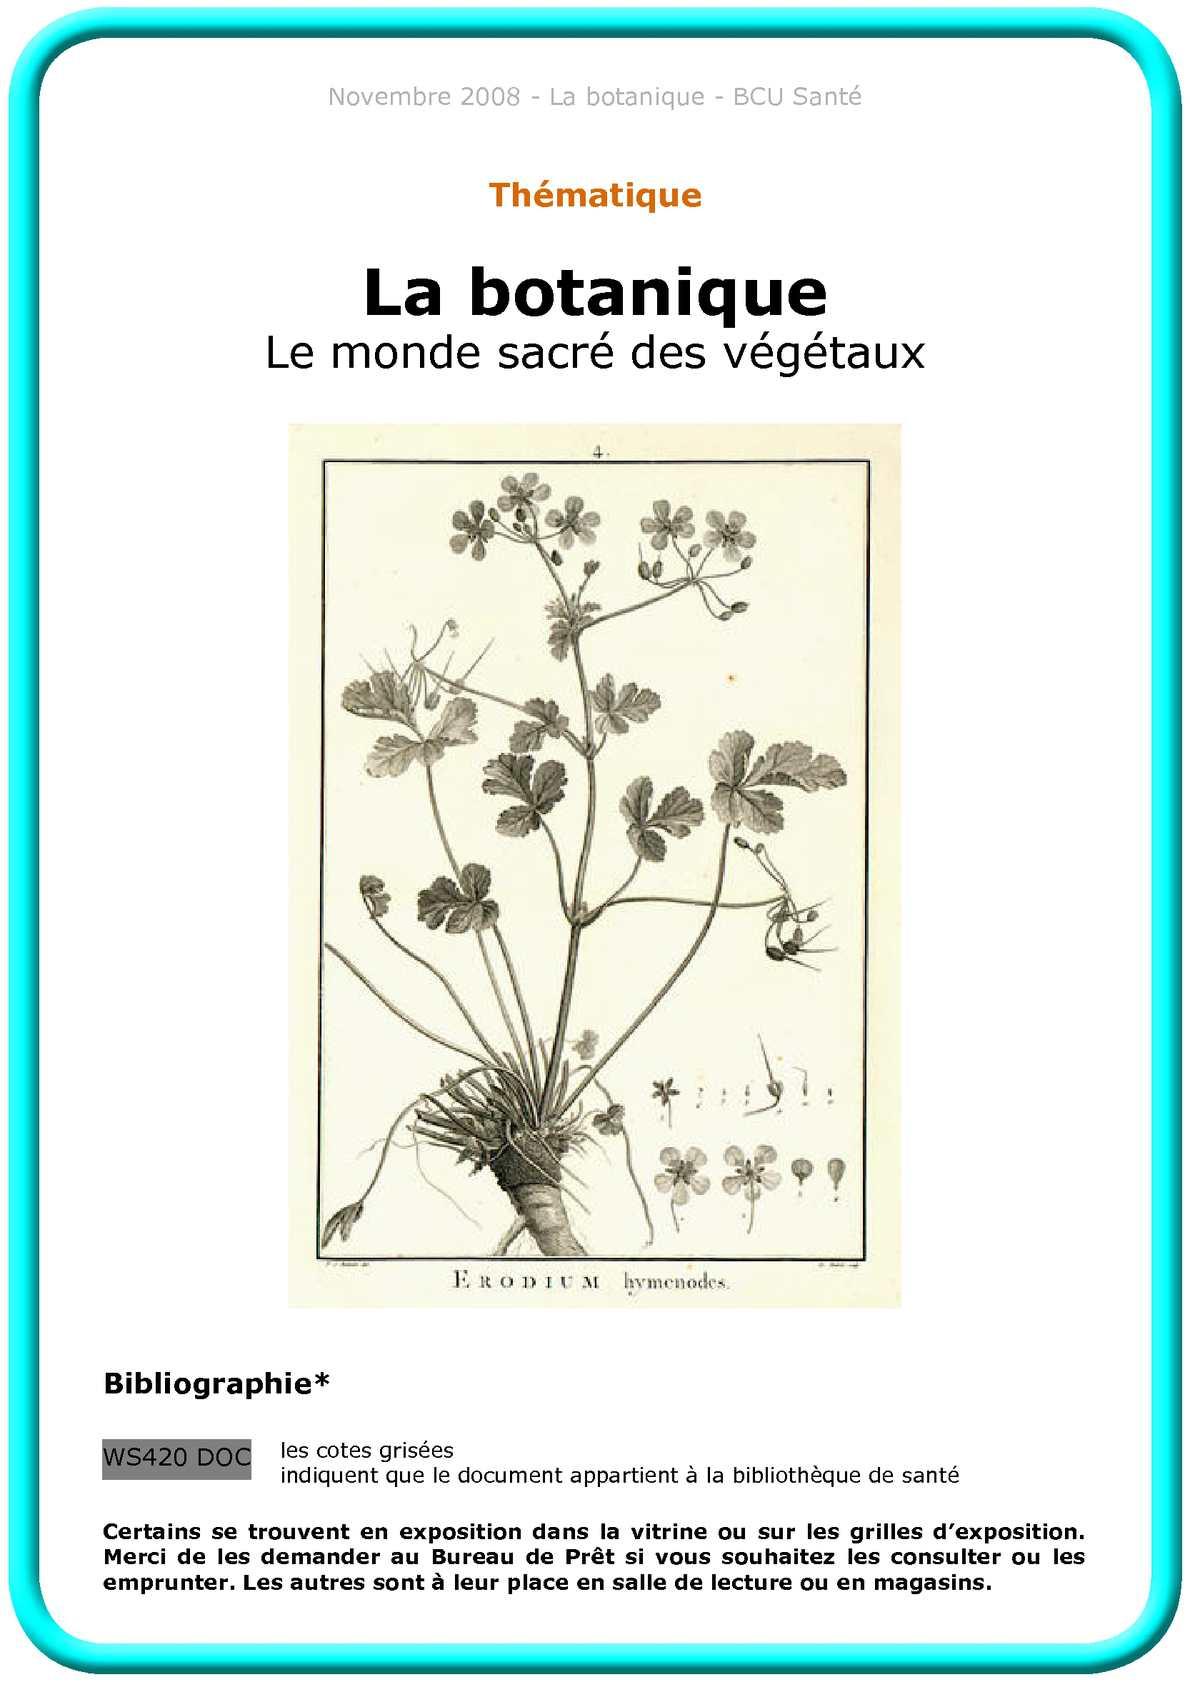 Potager 3 Etages Botanic calaméo - la botanique